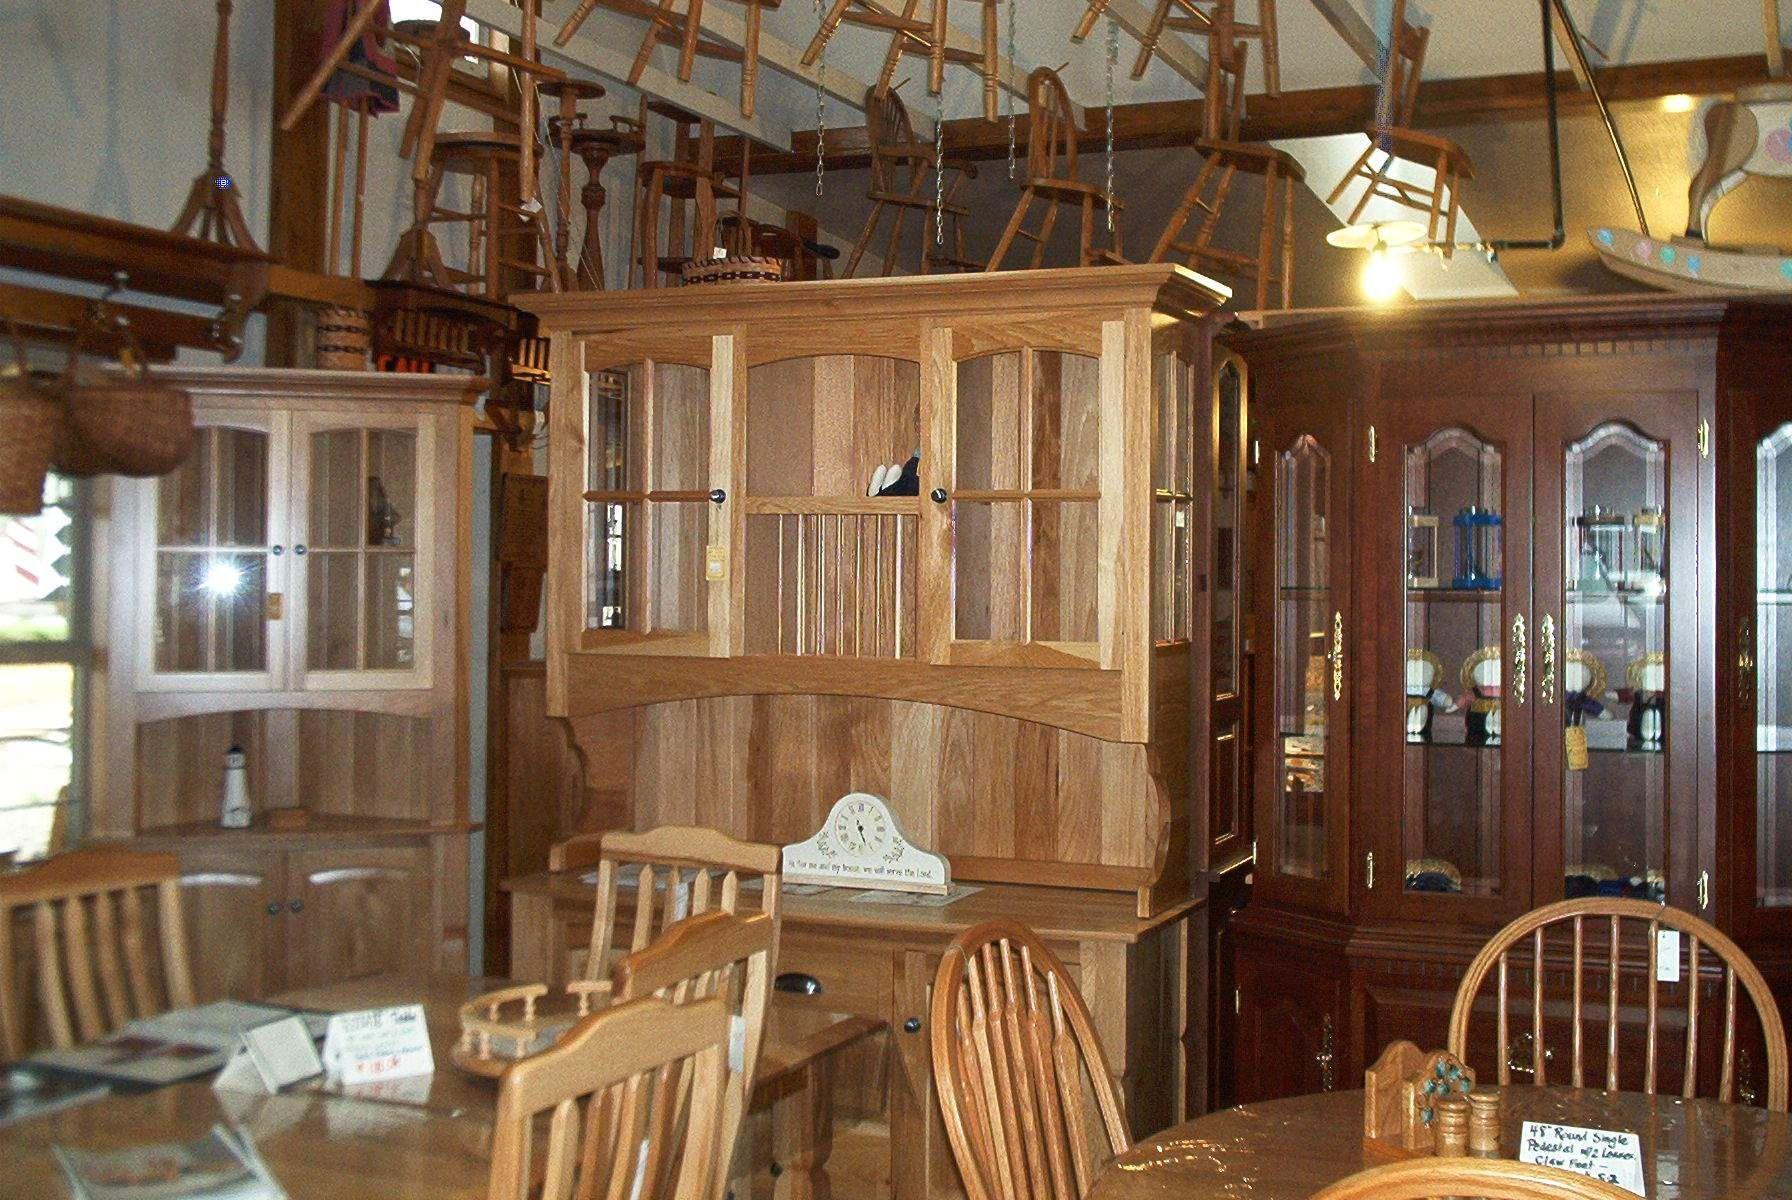 Ohio Amish Bakery and Ohio Amish Wood Furniture at Southwest Ohio